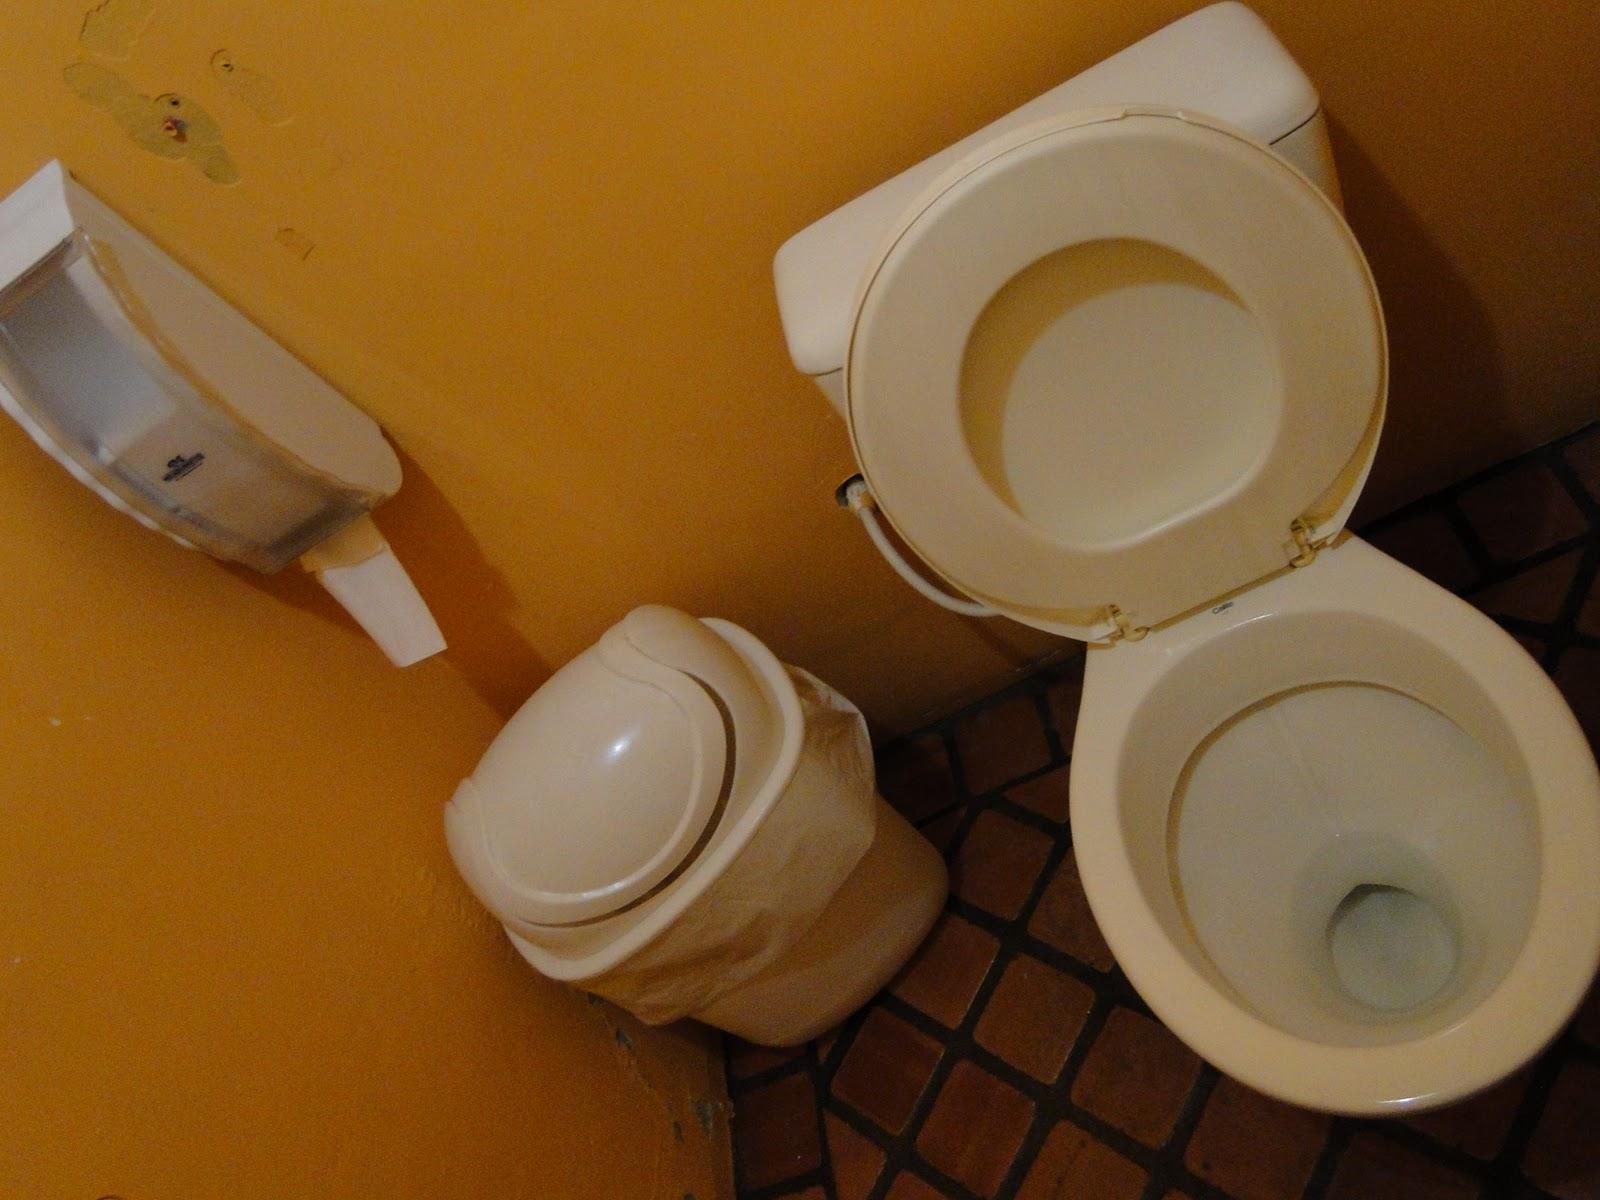 Em Busca do Banheiro Perfeito BAR BREJAS -> Banheiro Feminino Limpo